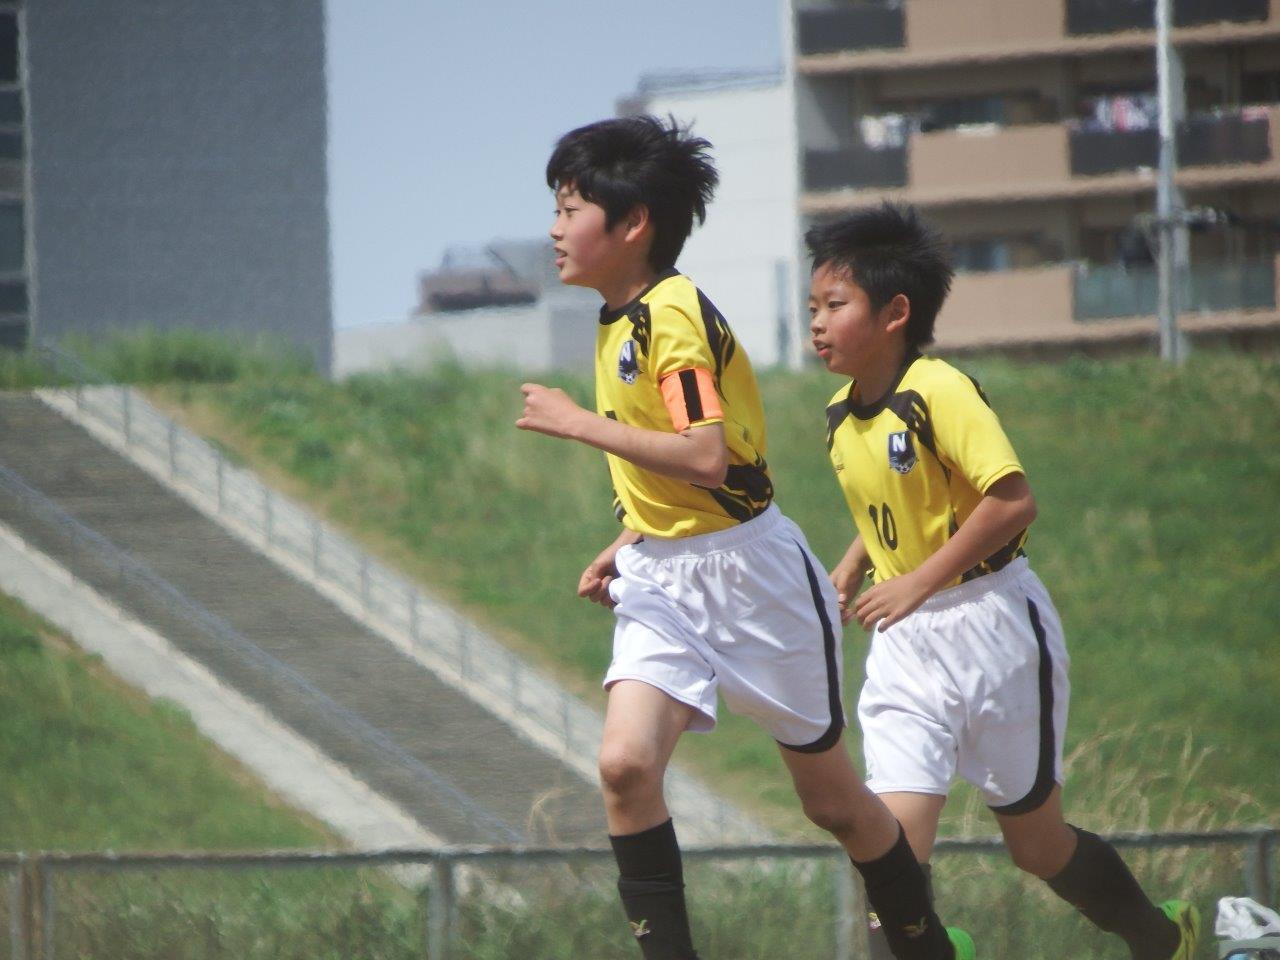 六年生大会 圧巻の高山劇場!